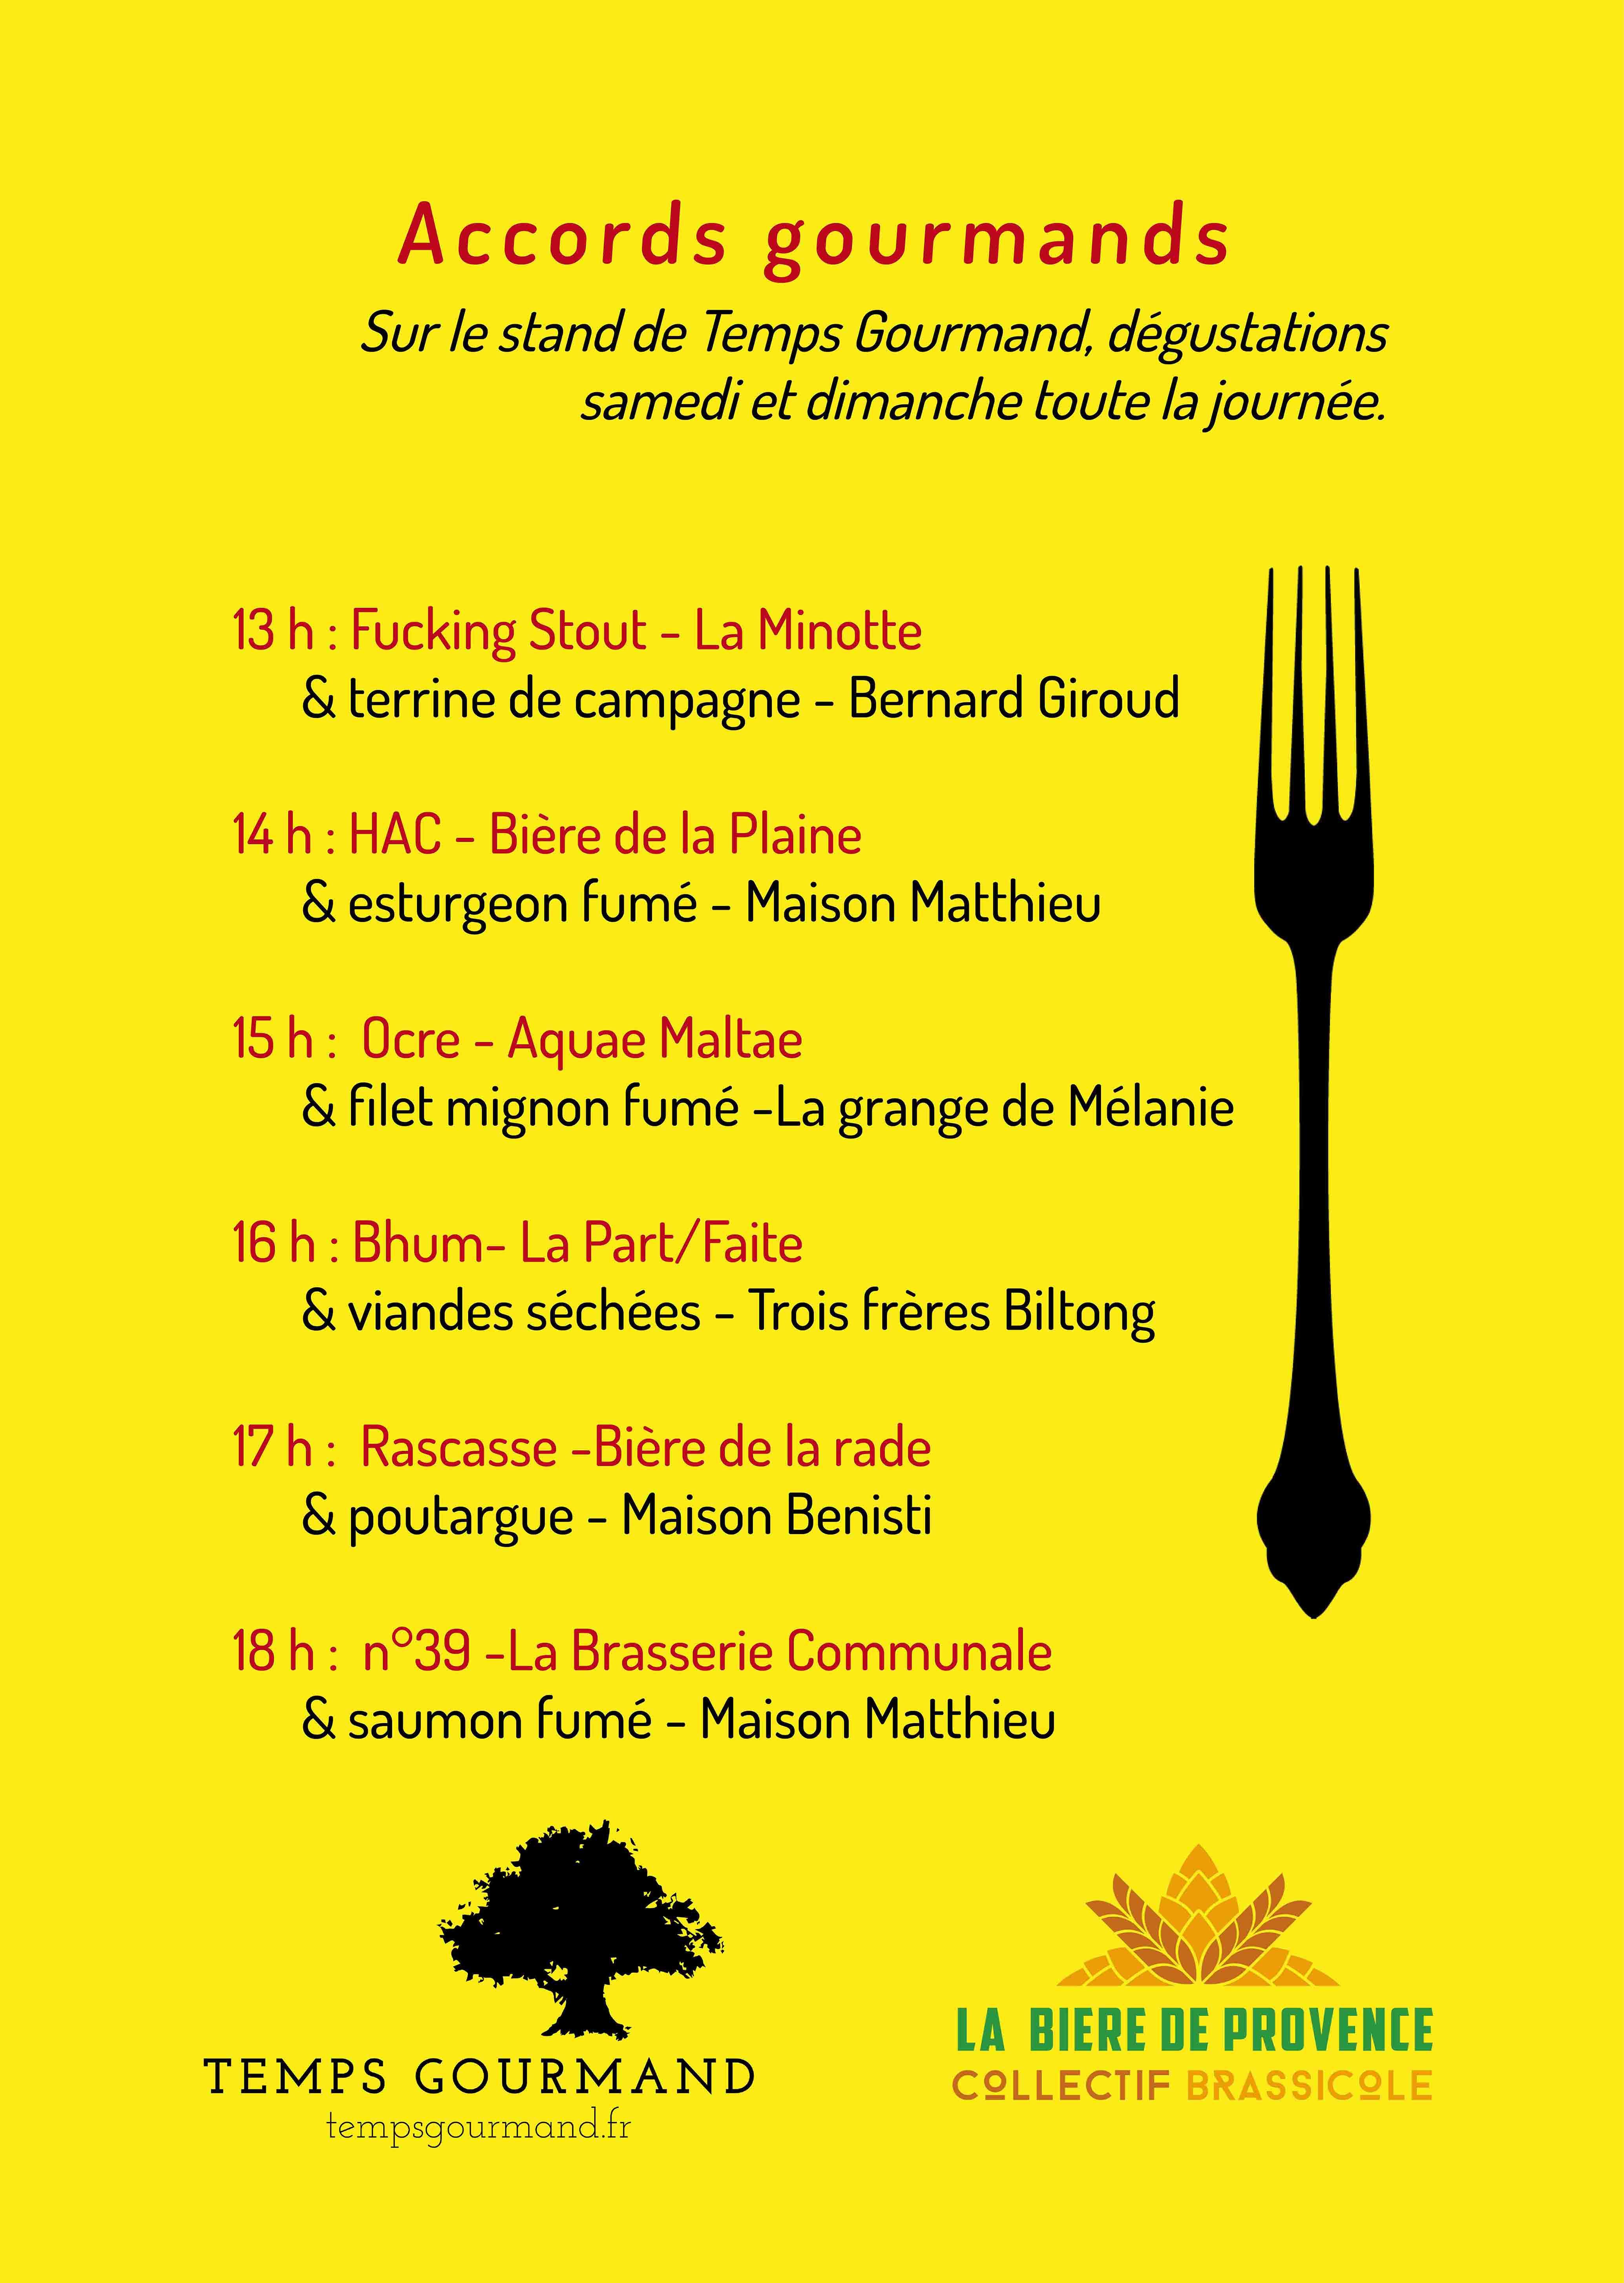 Affiche Provence Bière Connexion et Temps Gourmand